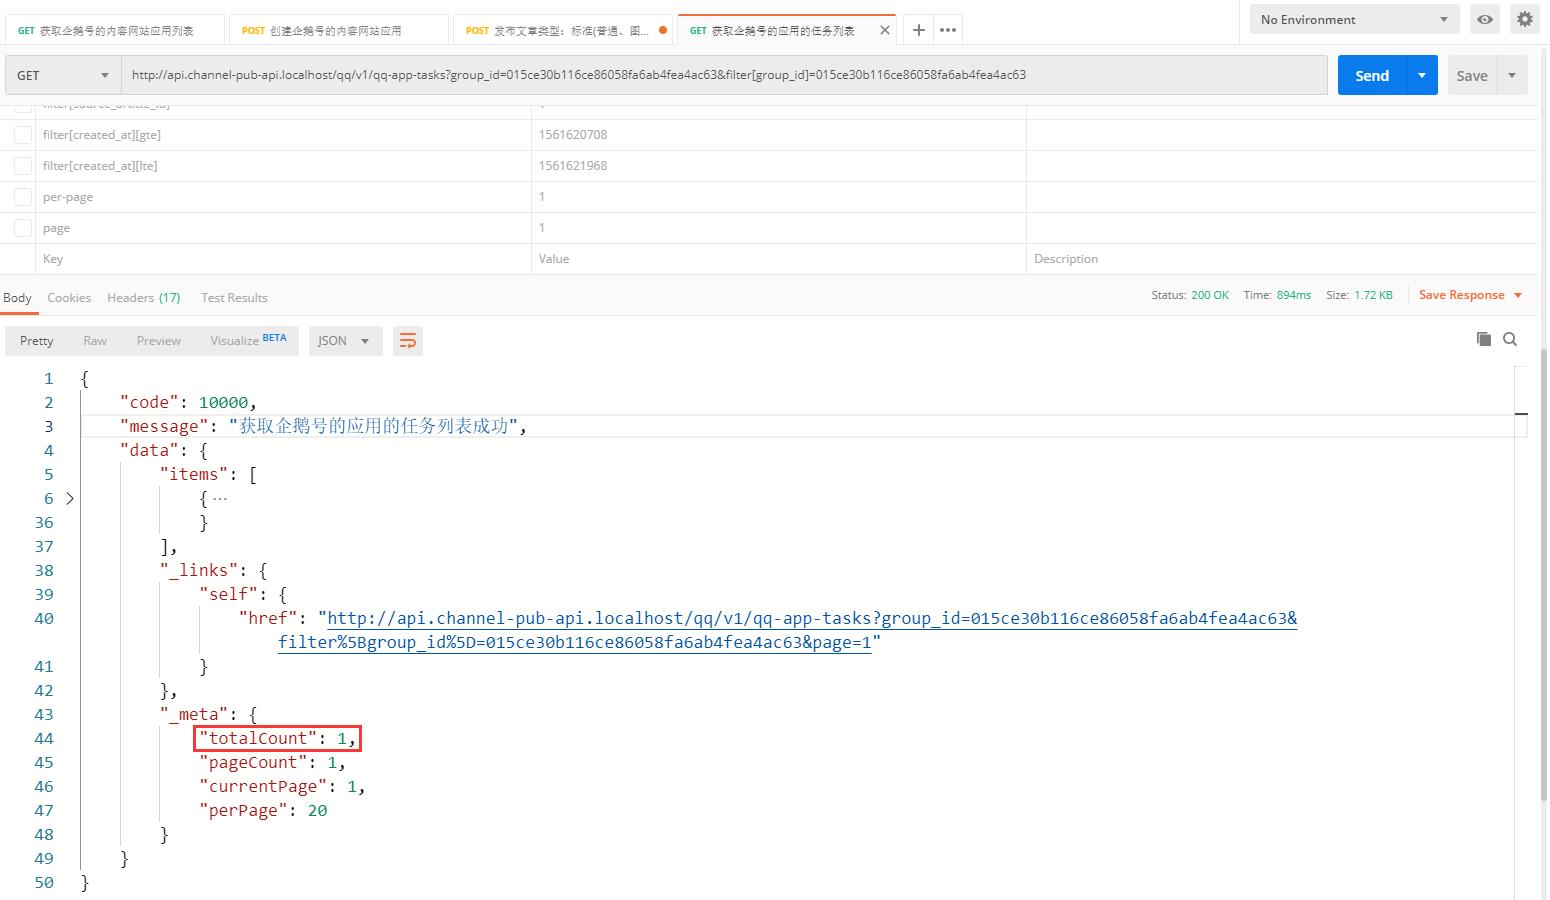 获取企鹅号的应用的任务列表,列表中存在 1 条记录。但是,客户端希望能够获取到 2 条记录,因为,从客户端的用户方面来看待此问题,实际上是已经发布过 2 次任务,而不是 1 次。现阶段的实现方案有 2 种,第 1 种是渠道发布本身维持现有的业务逻辑不变化,发布任务的记录在客户端数据库中冗余再存储;第  2 种方案是渠道发布任务的入库成功、入库失败,皆需要能够查询到发布记录,客户端不做处理,仅直接获取渠道发布的任务列表。最终决定采用第 2 种方案,原因在于任务记录仅存在一个数据源,有利于保证唯一性与简单性,避免多个数据源导致的冗余度与复杂性。